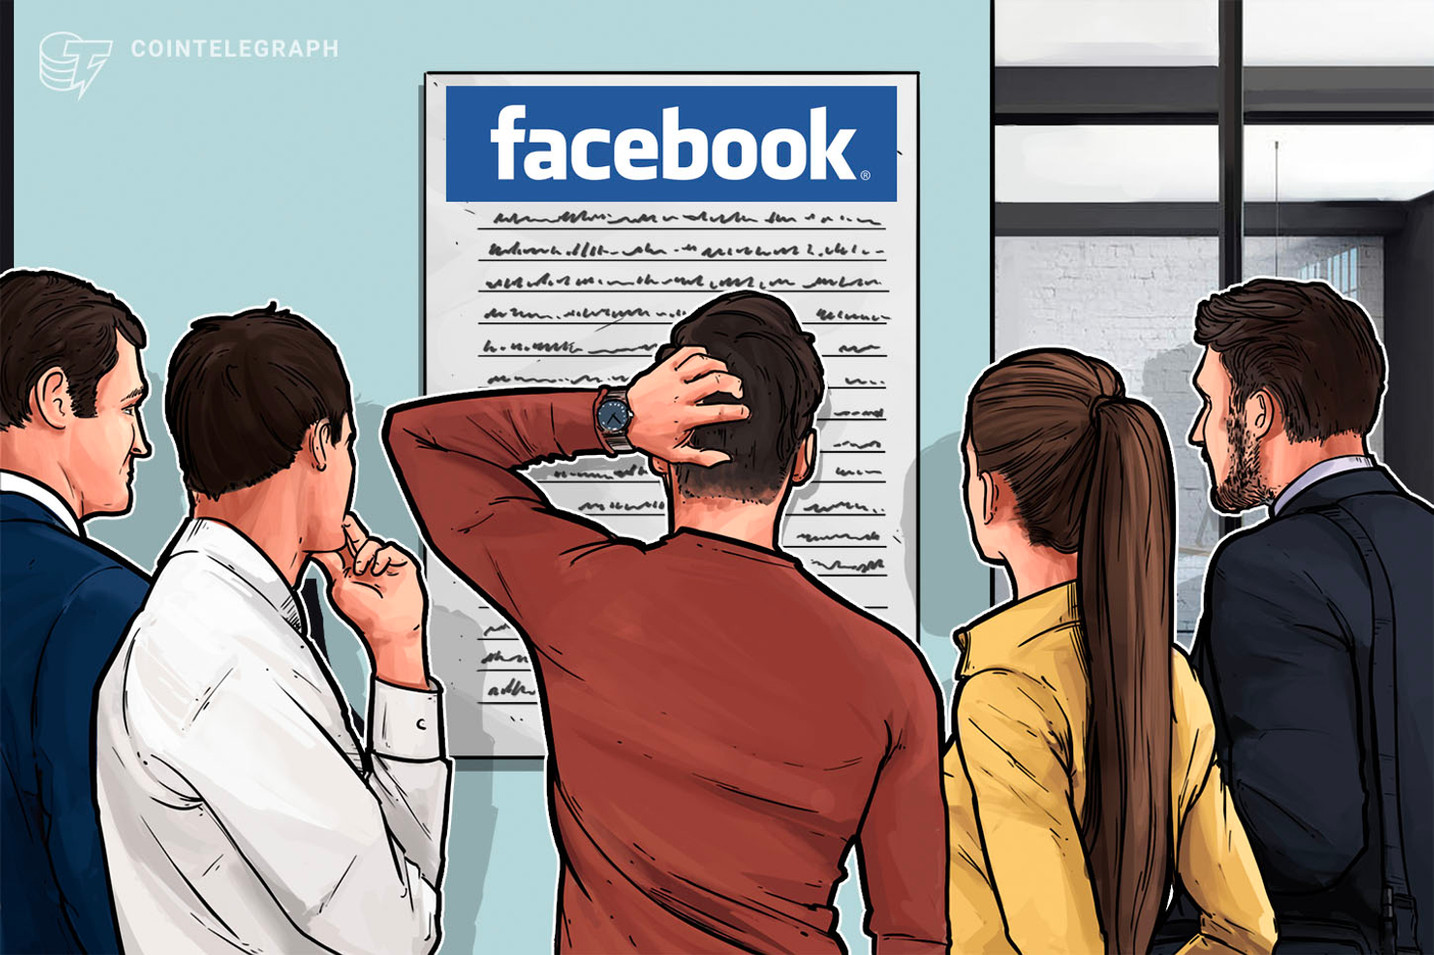 フェイスブック「白人女性へのヘイトスピーチ」警告を取り下げる 加サイトの記事で